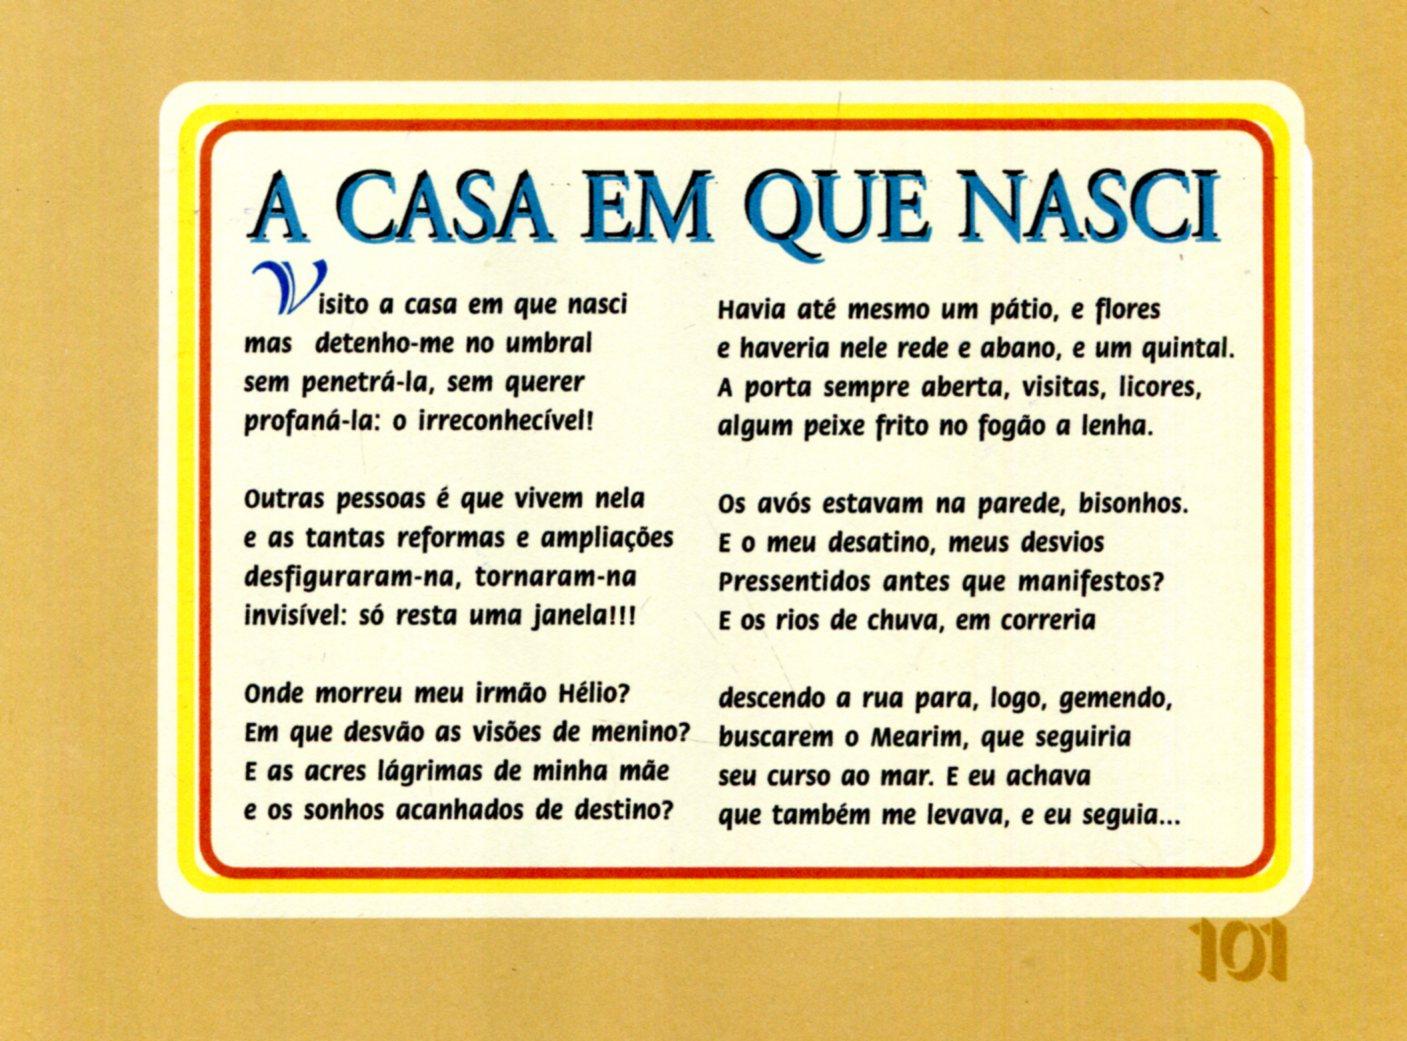 www.antoniomiranda.com.br - Poseia Ilustrada - A casa em